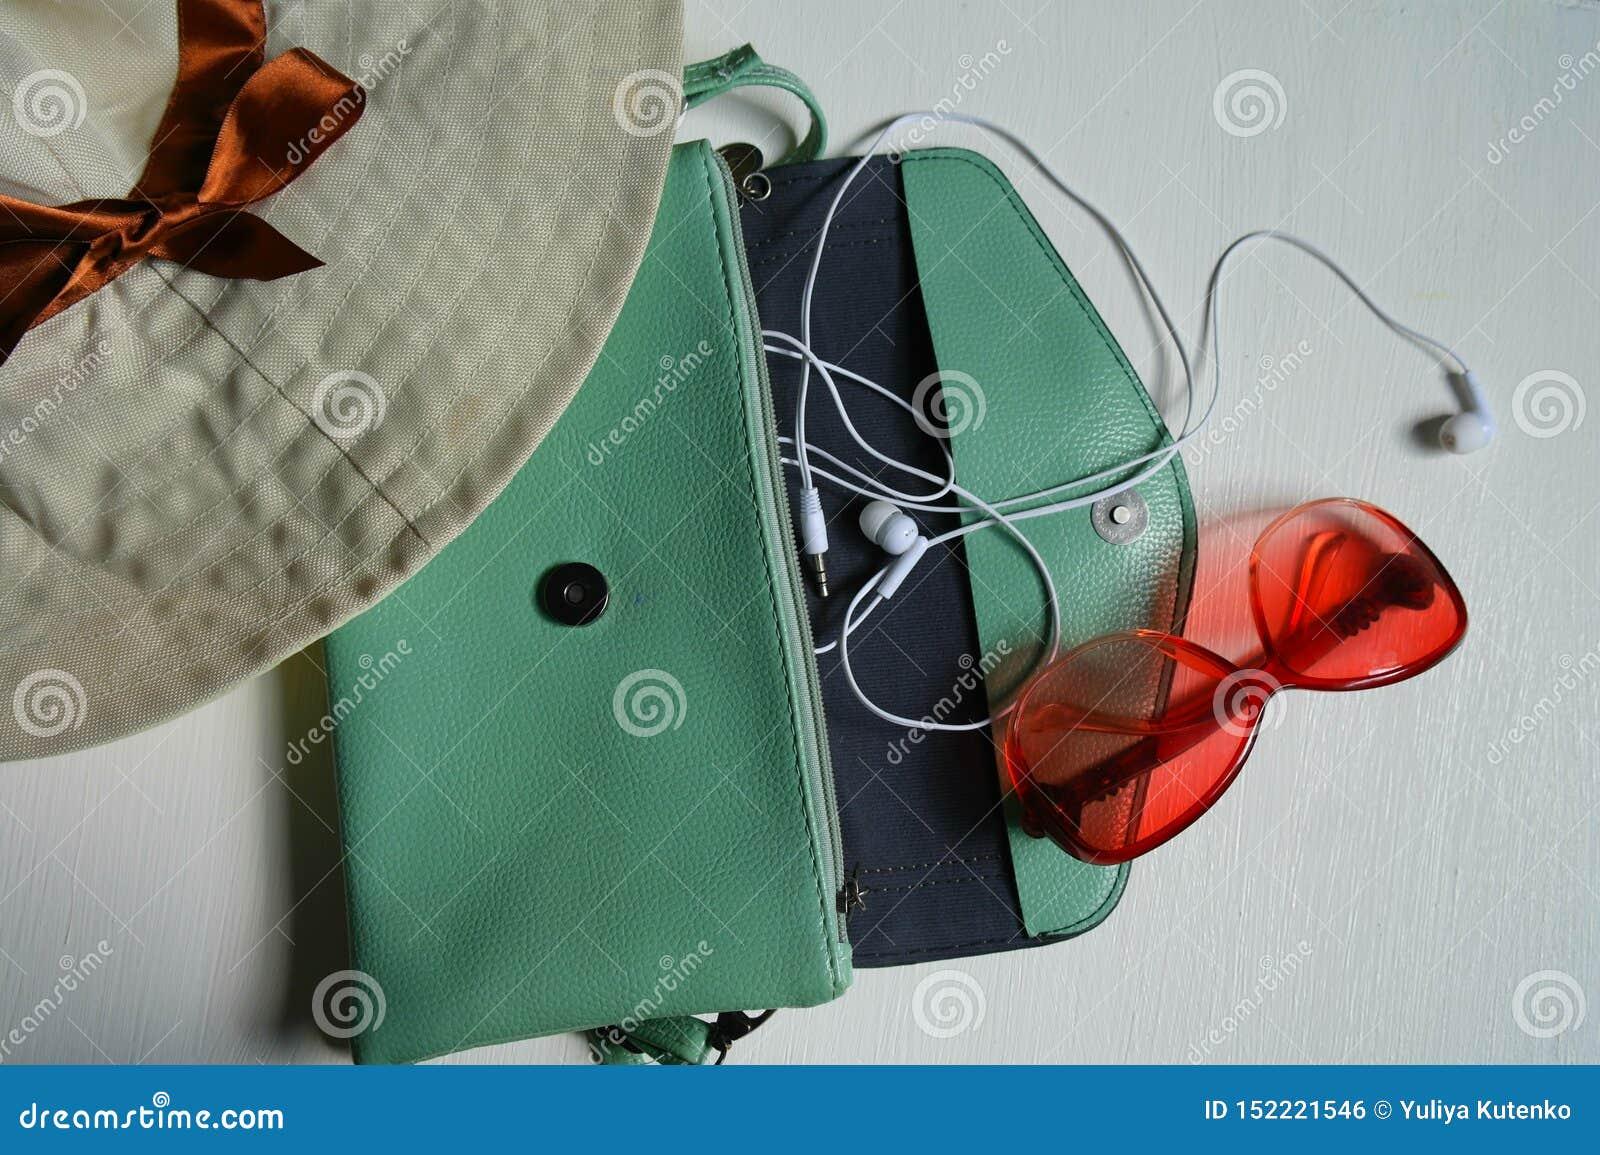 Chapéu, bolsa, fones de ouvido, vidros no fundo branco